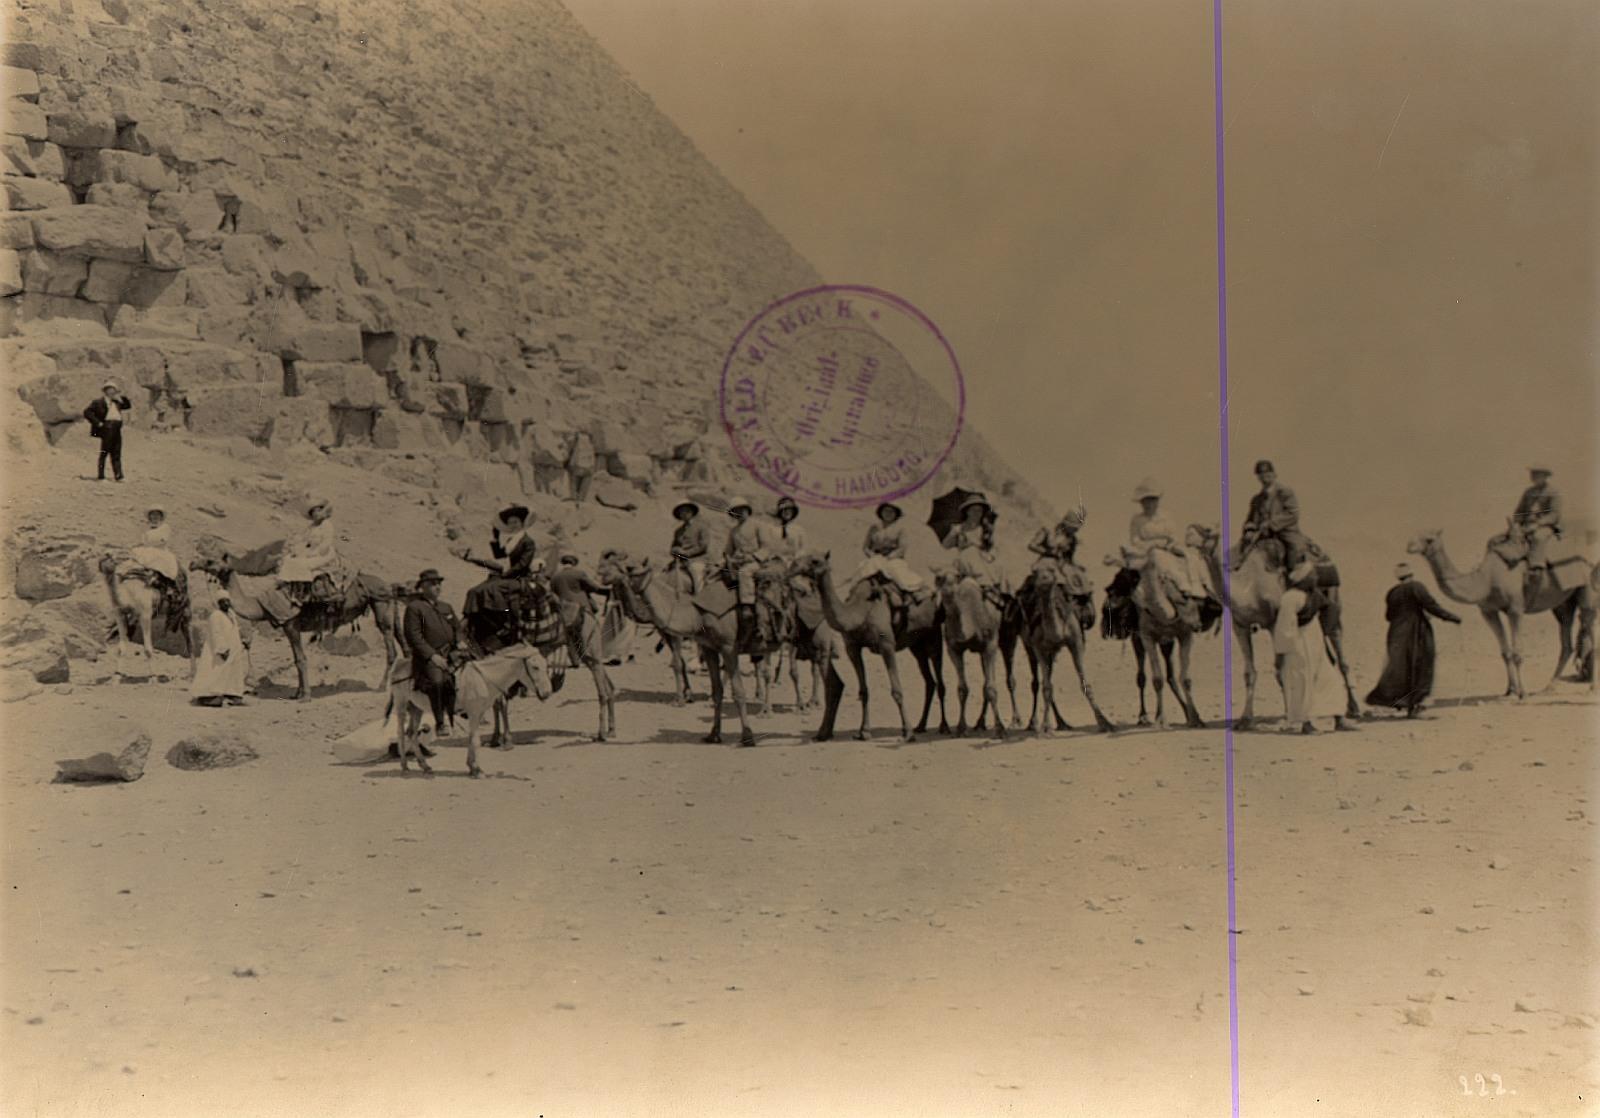 Гиза. Туристическая группа на верблюдах и ослах с туристическими гидами у подножия пирамиды